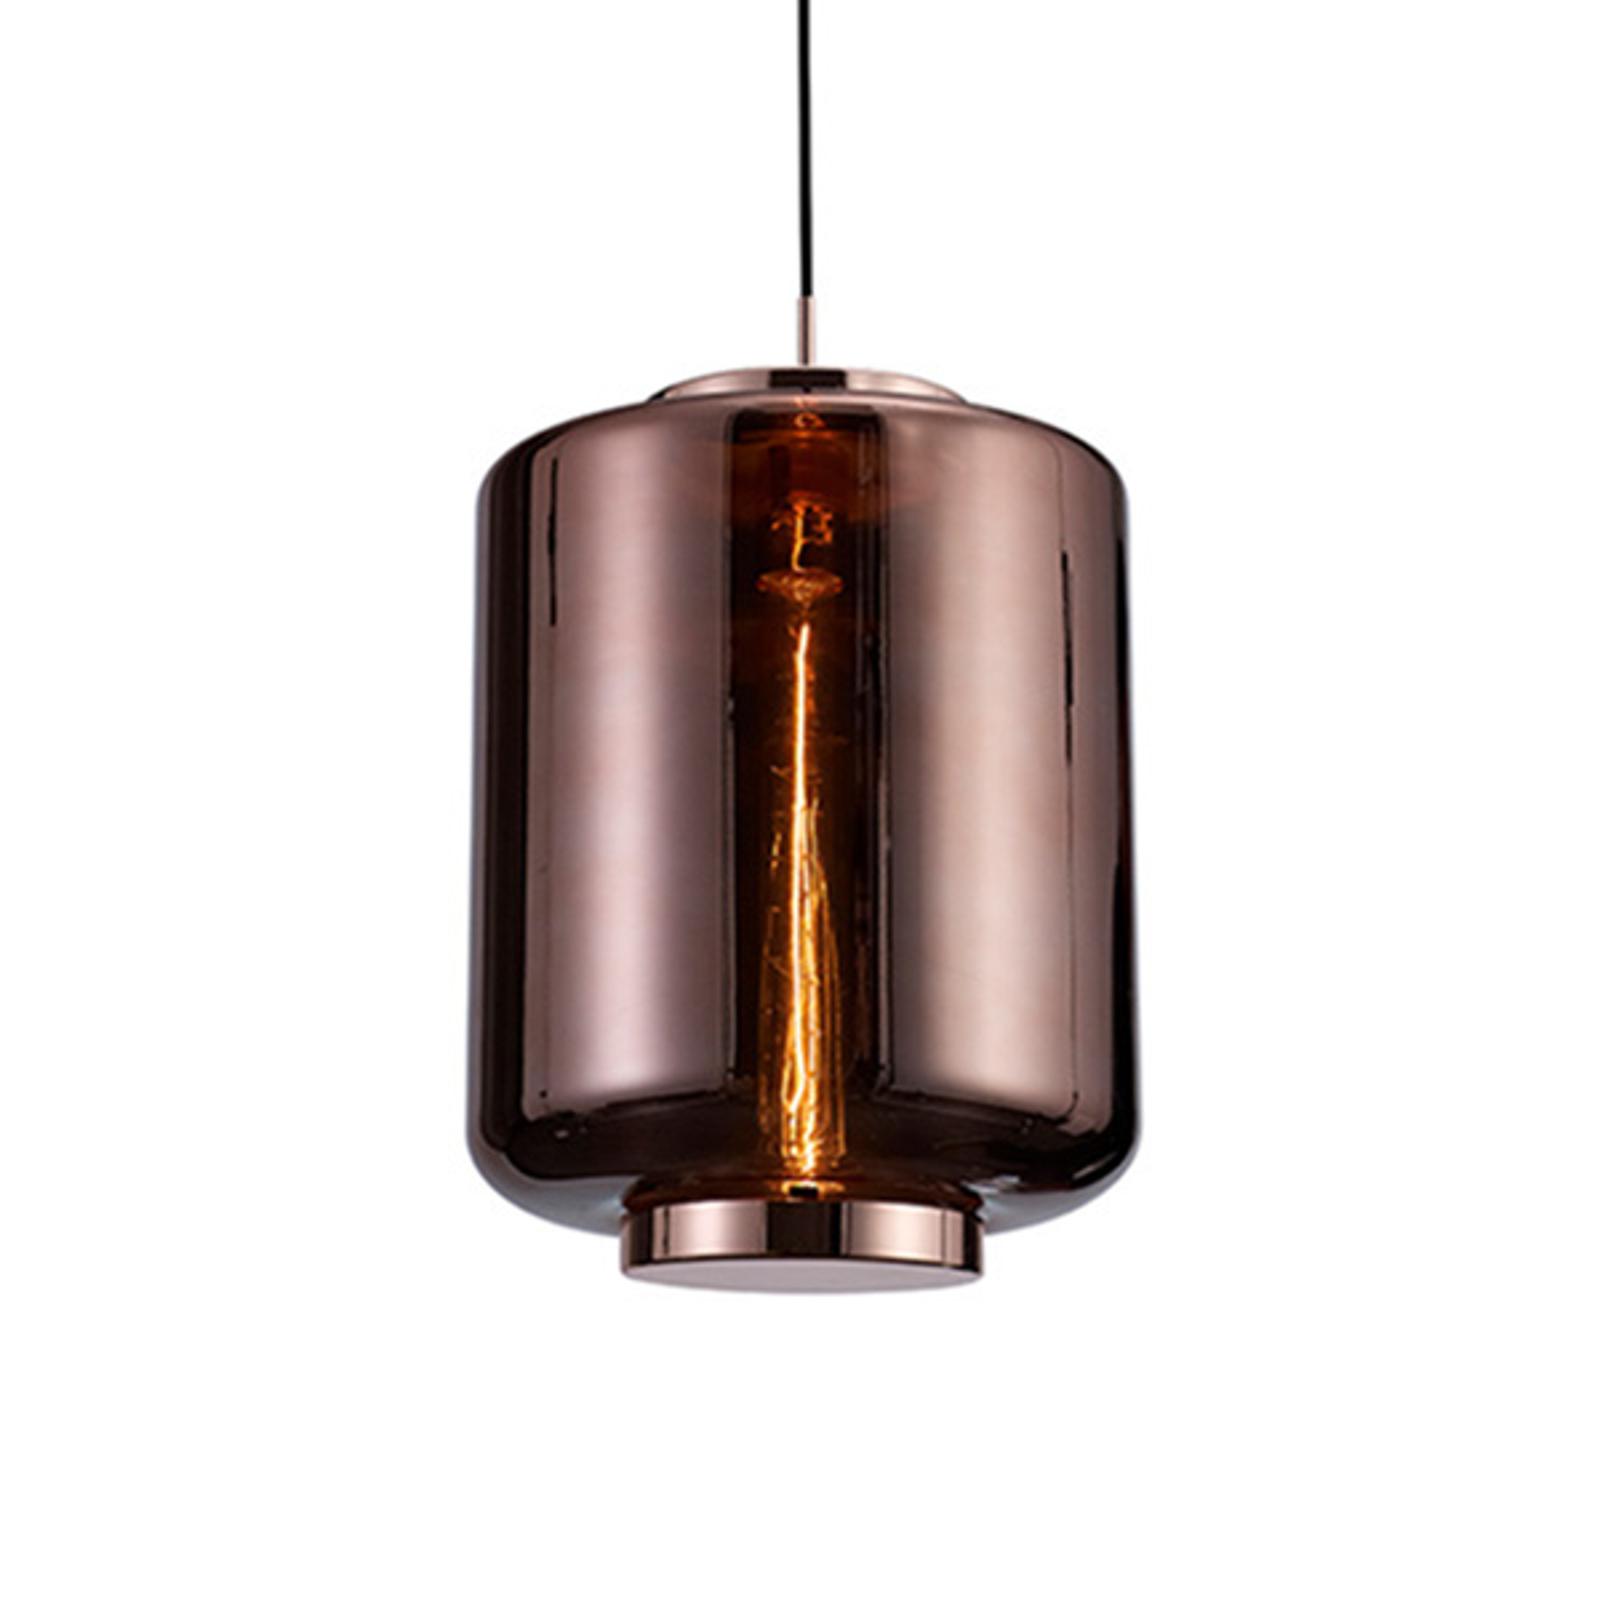 Lampa wisząca Jarras ze szkła Ø 30 cm, miedź